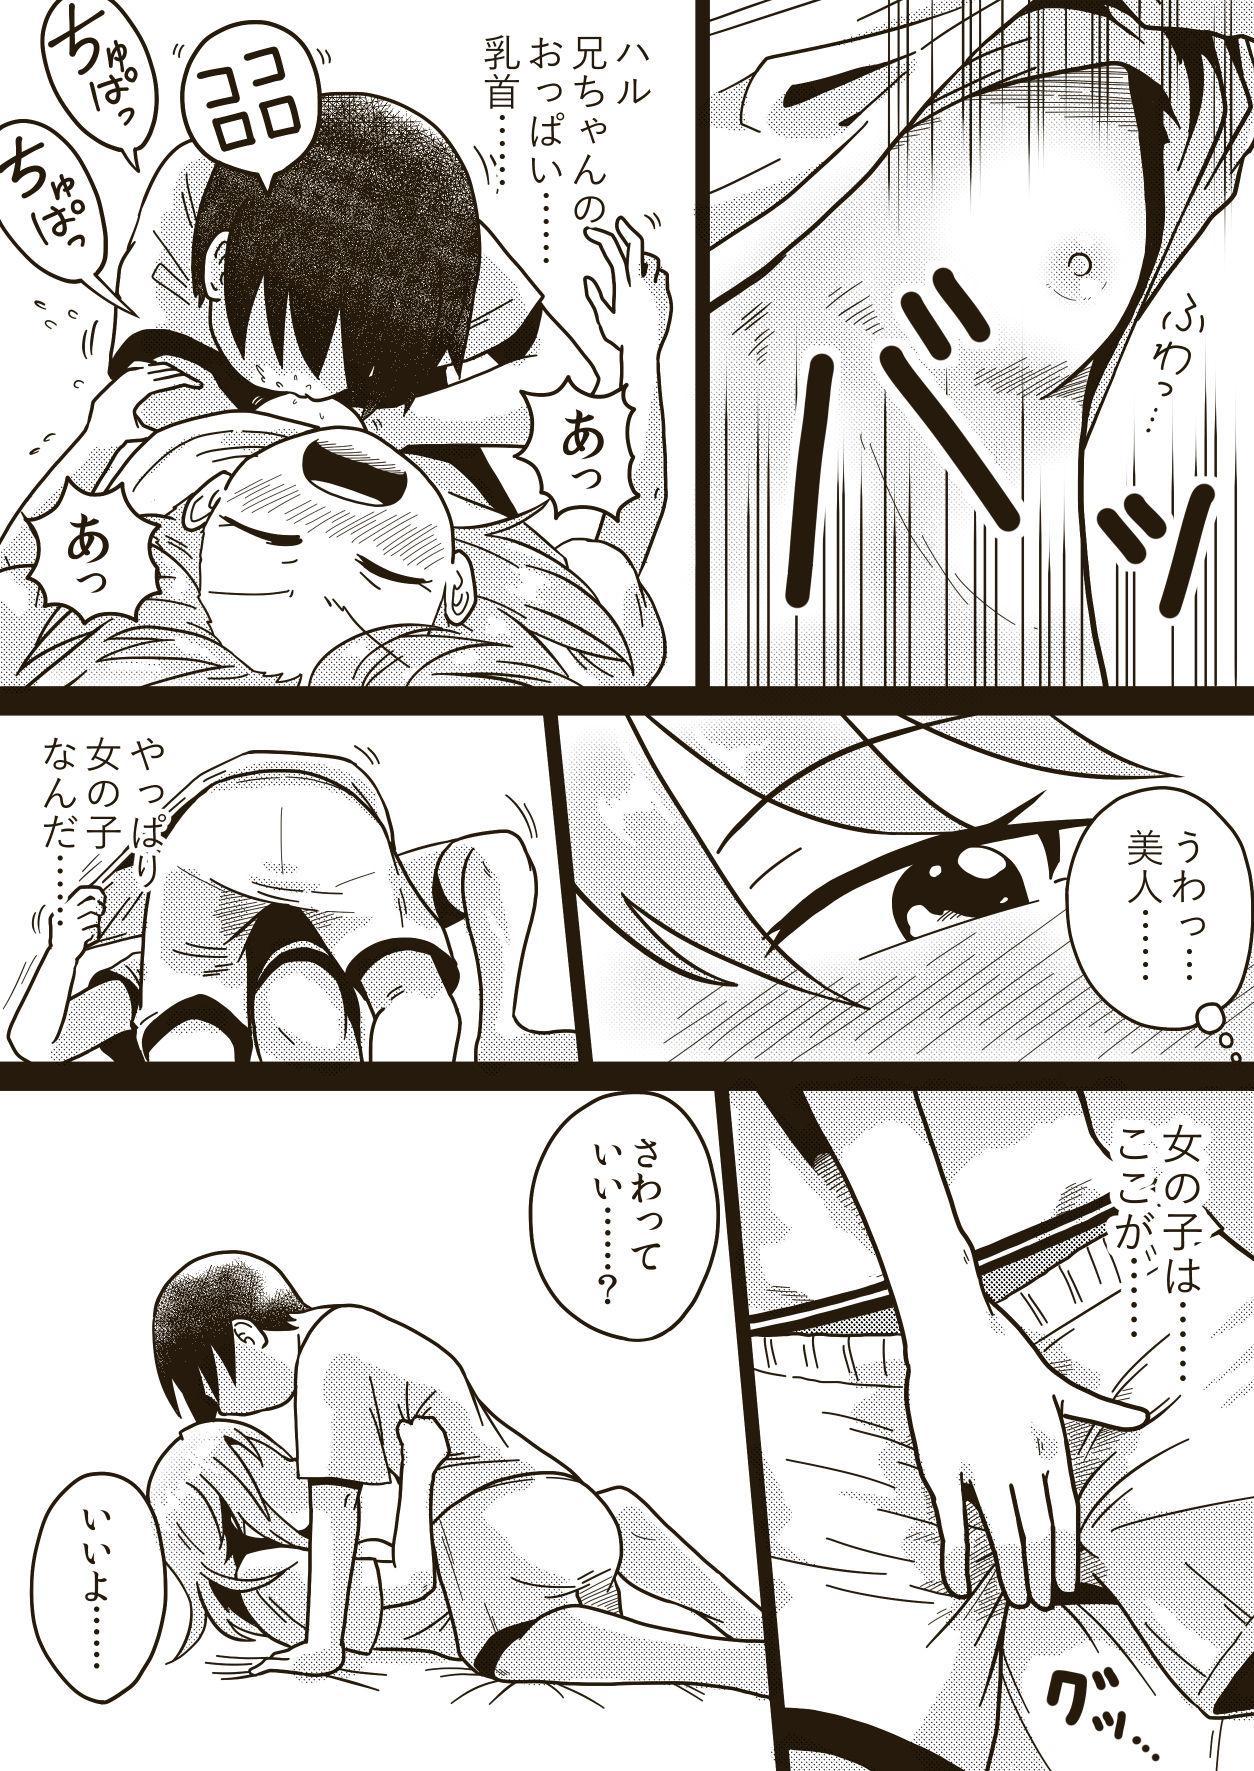 Boku no Onee-chan 10